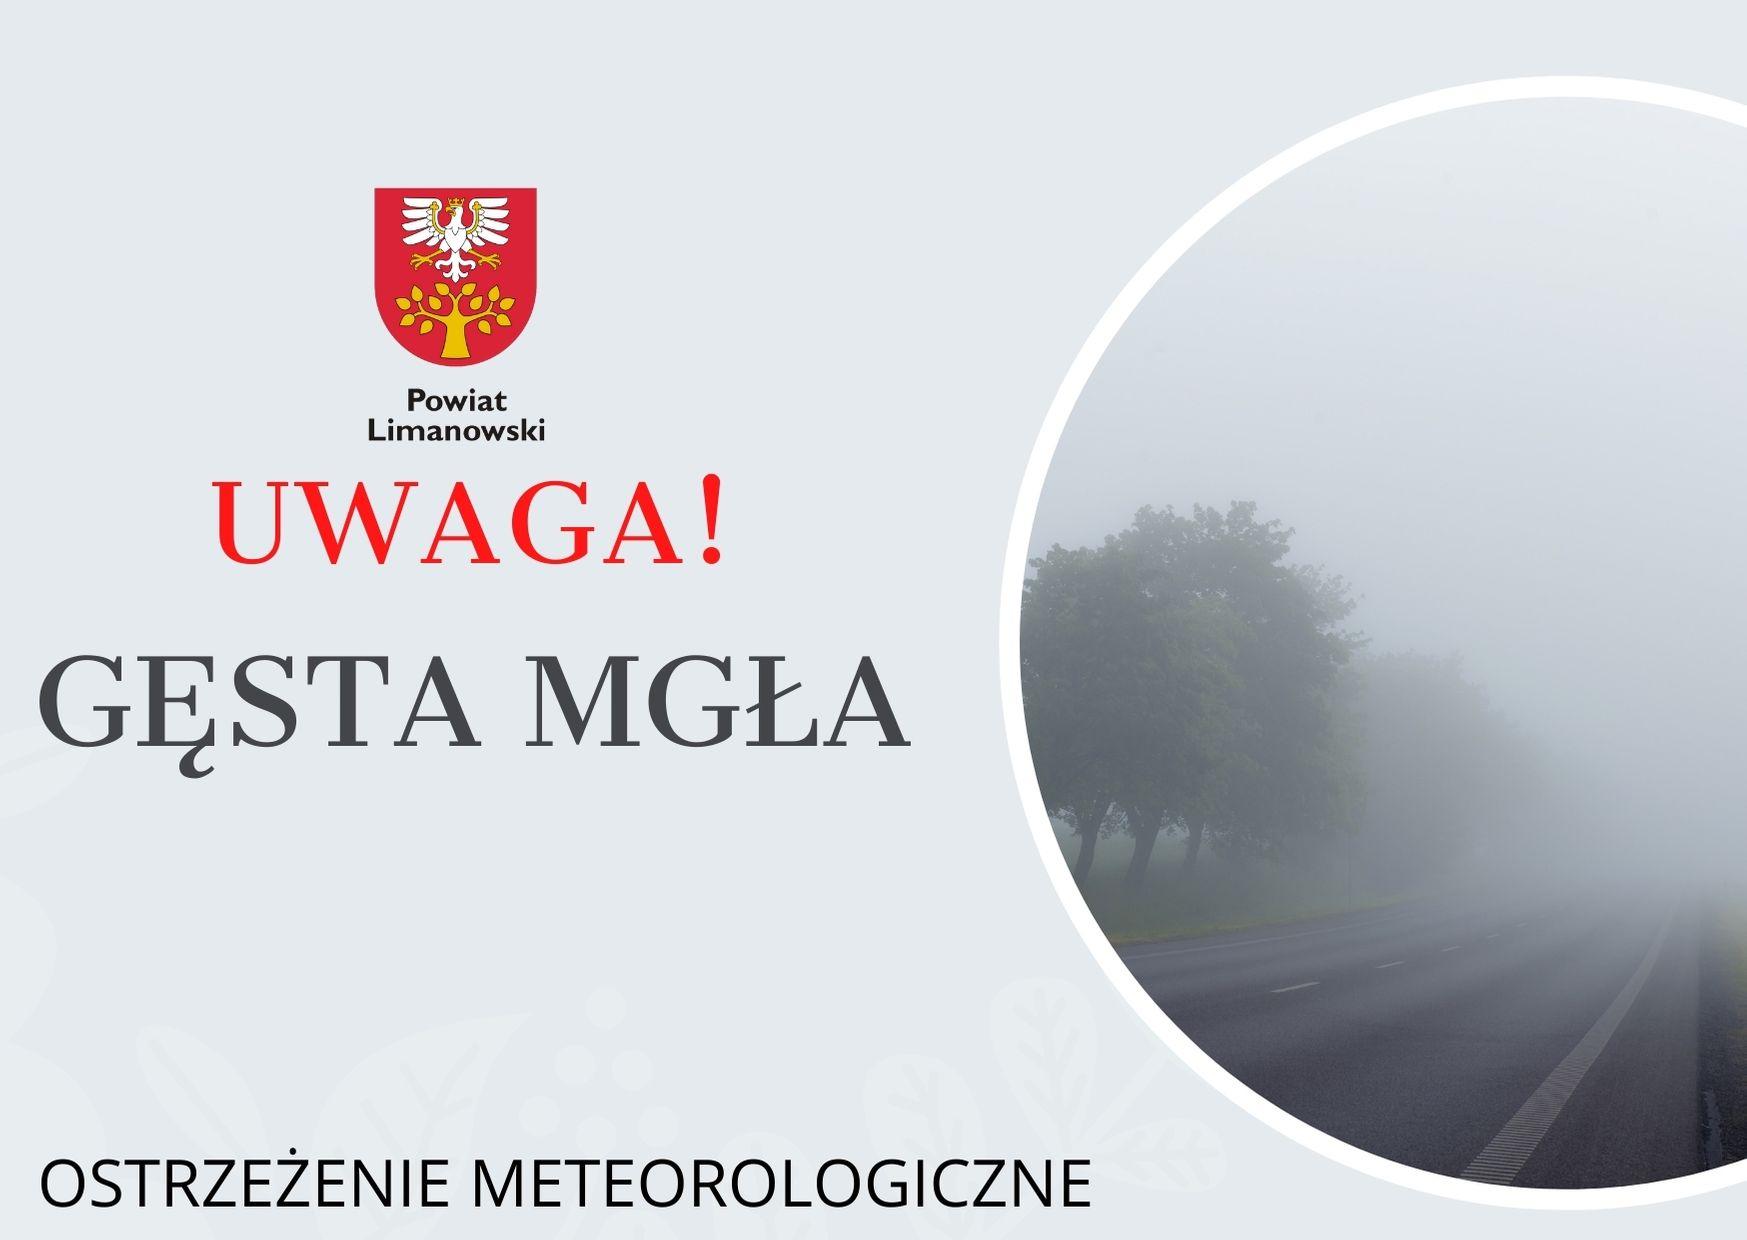 grafika - ostrzeżenie meteorologiczne - uwaga gęsta mgła